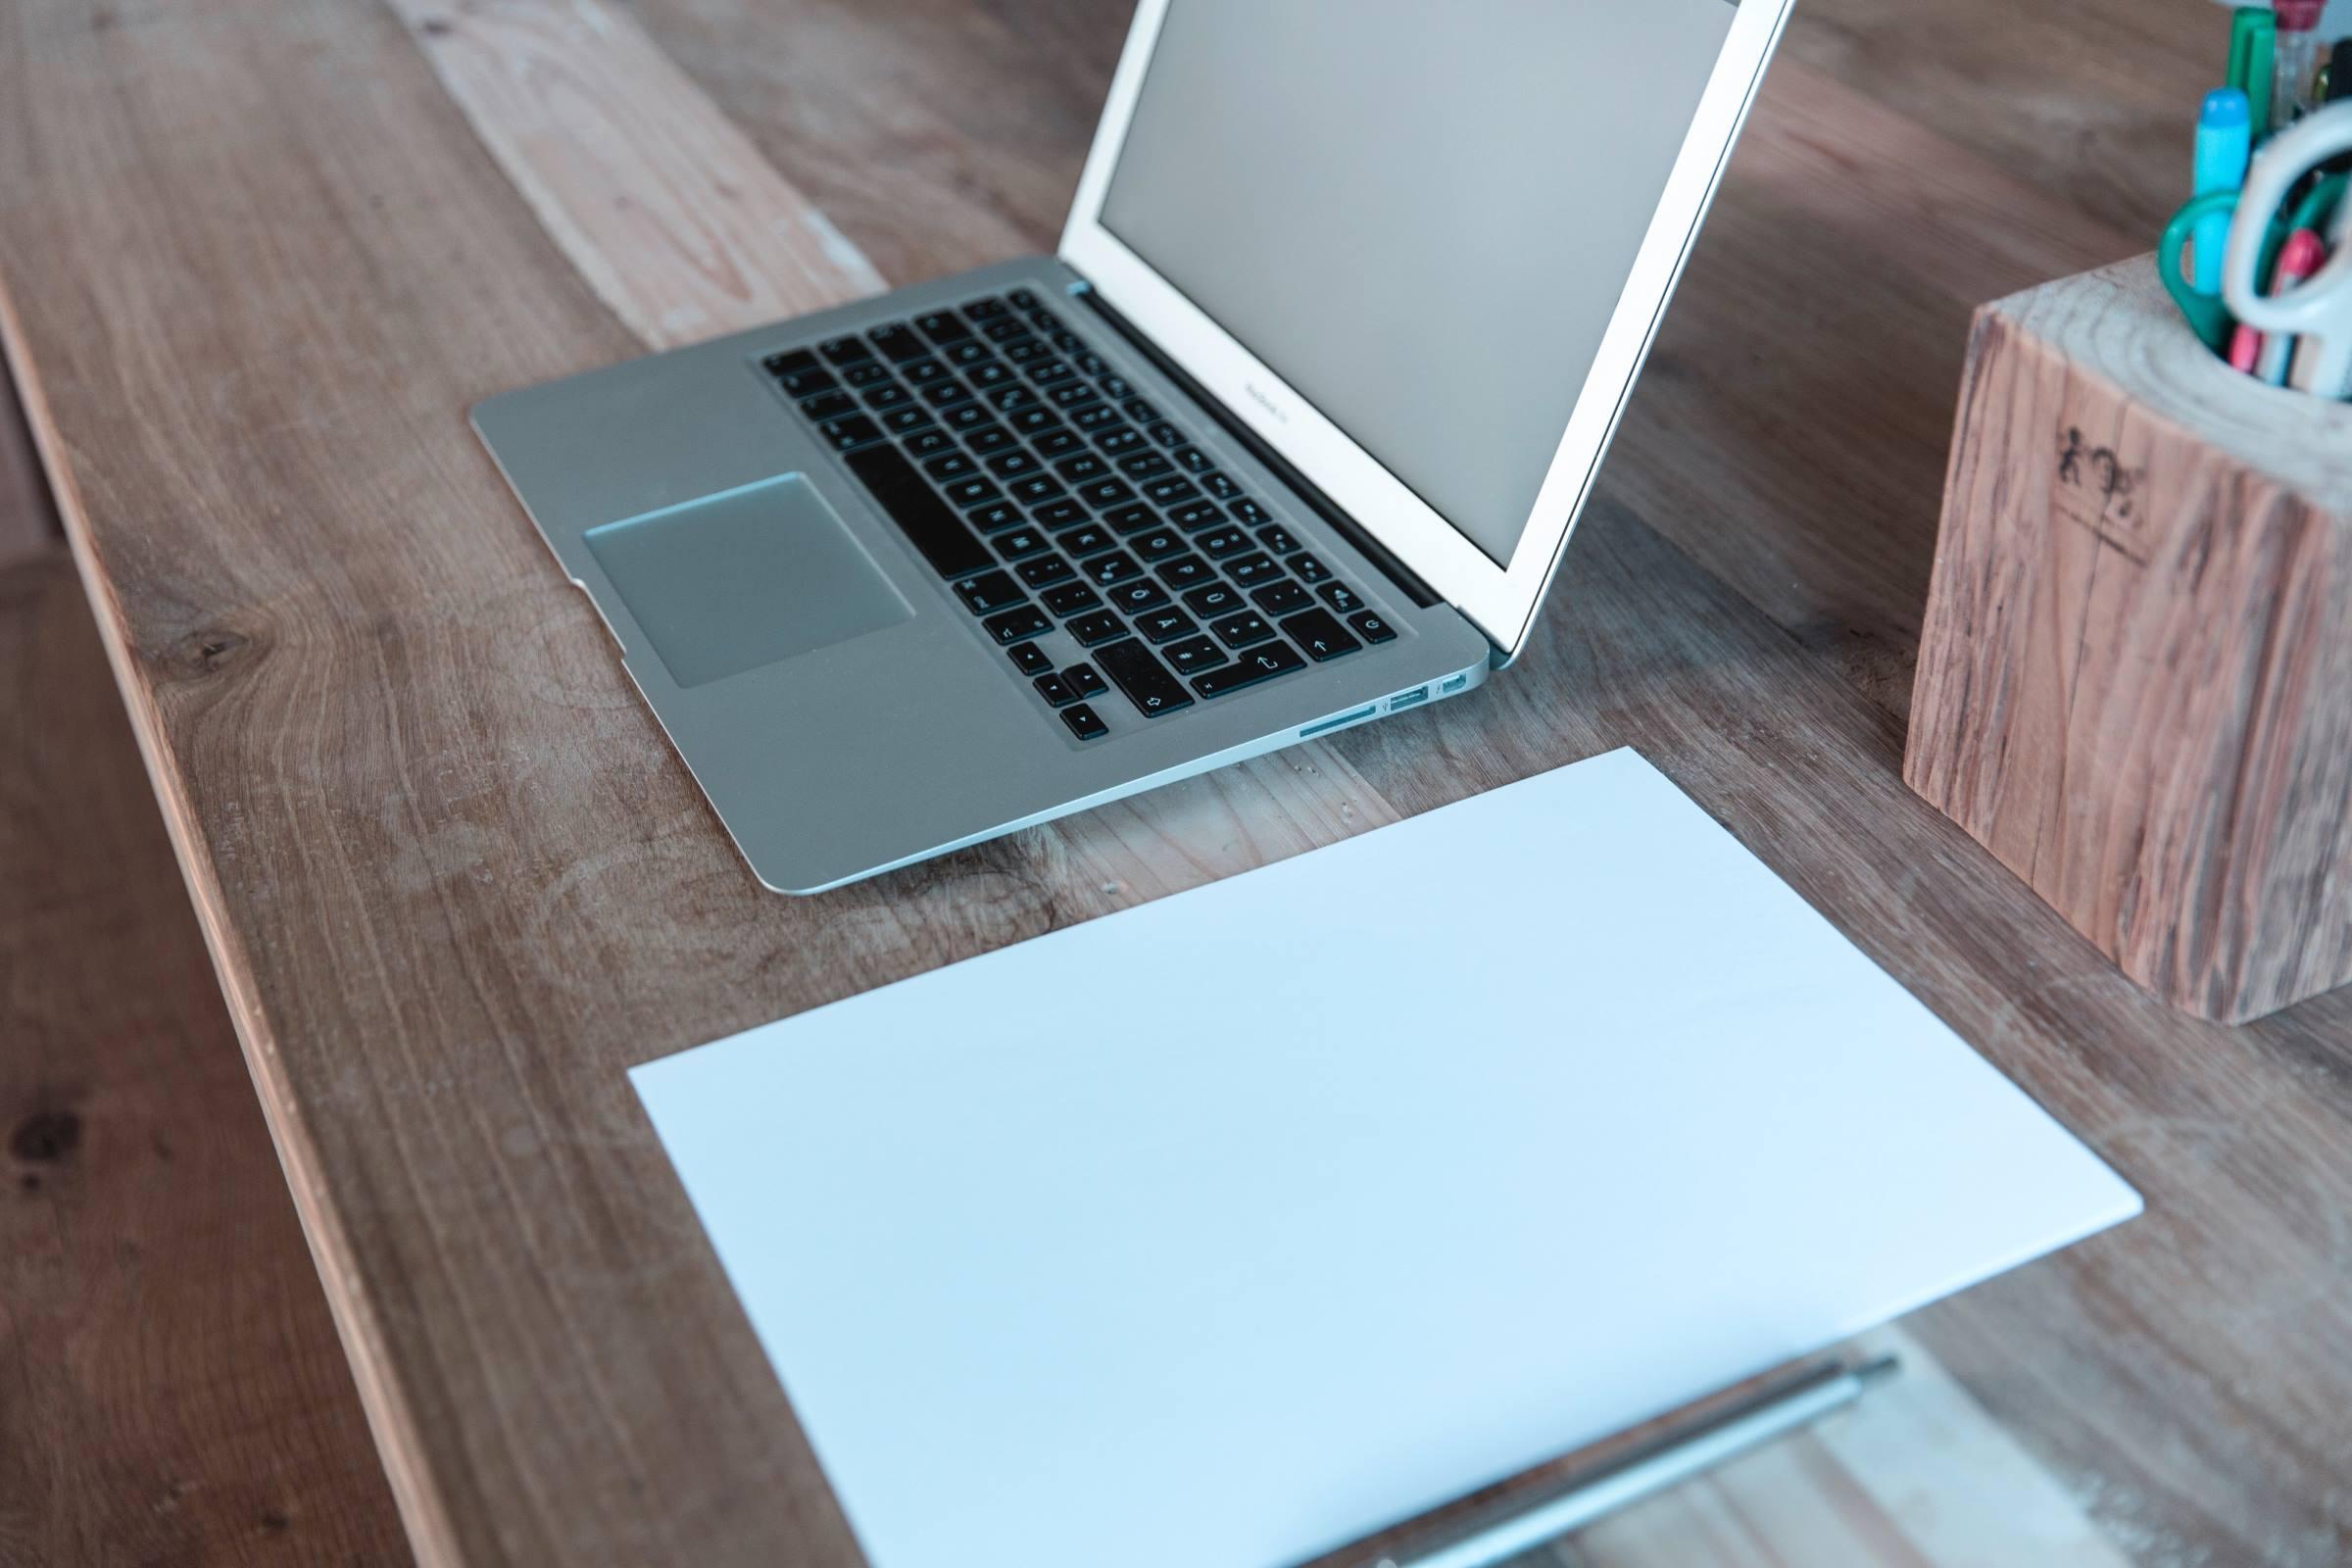 laptop pen paper desk office